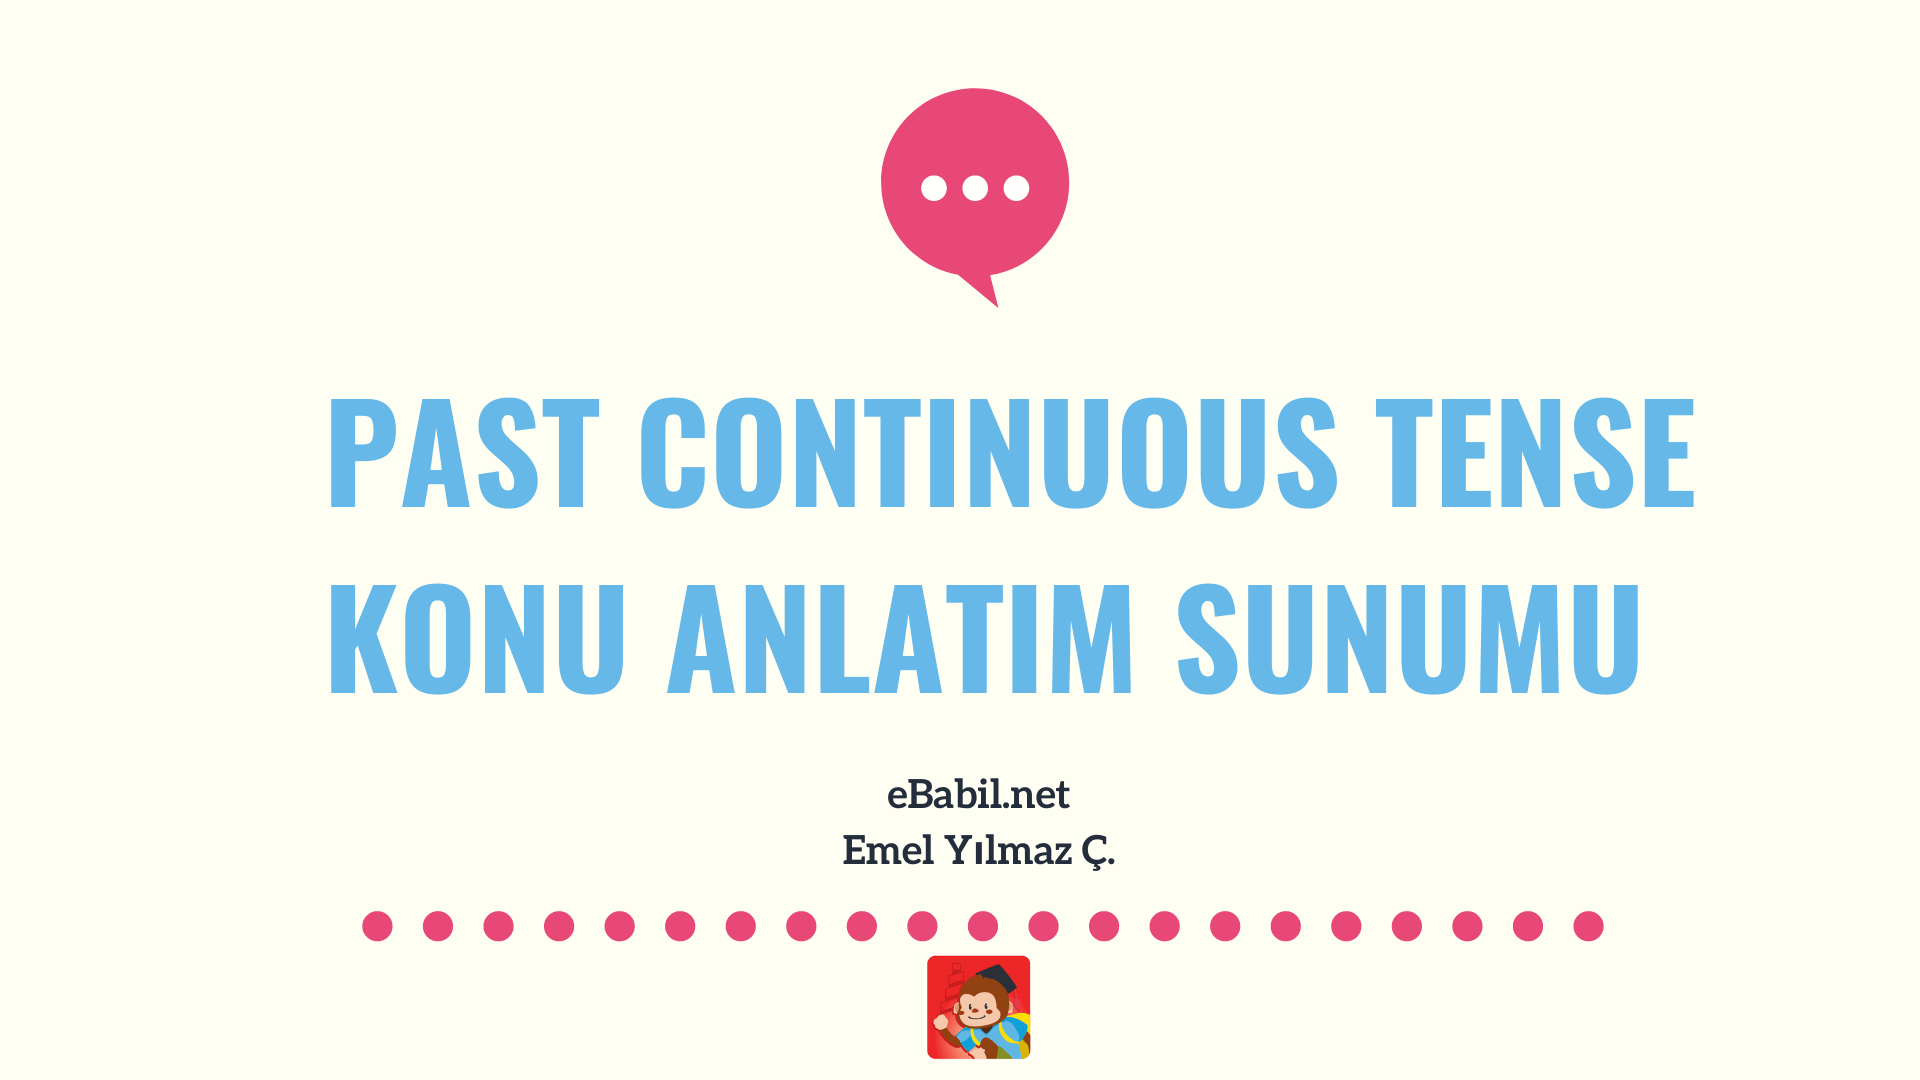 Past Continuous Tense Kullanımı ve Örnek Cümleleri Sunumu